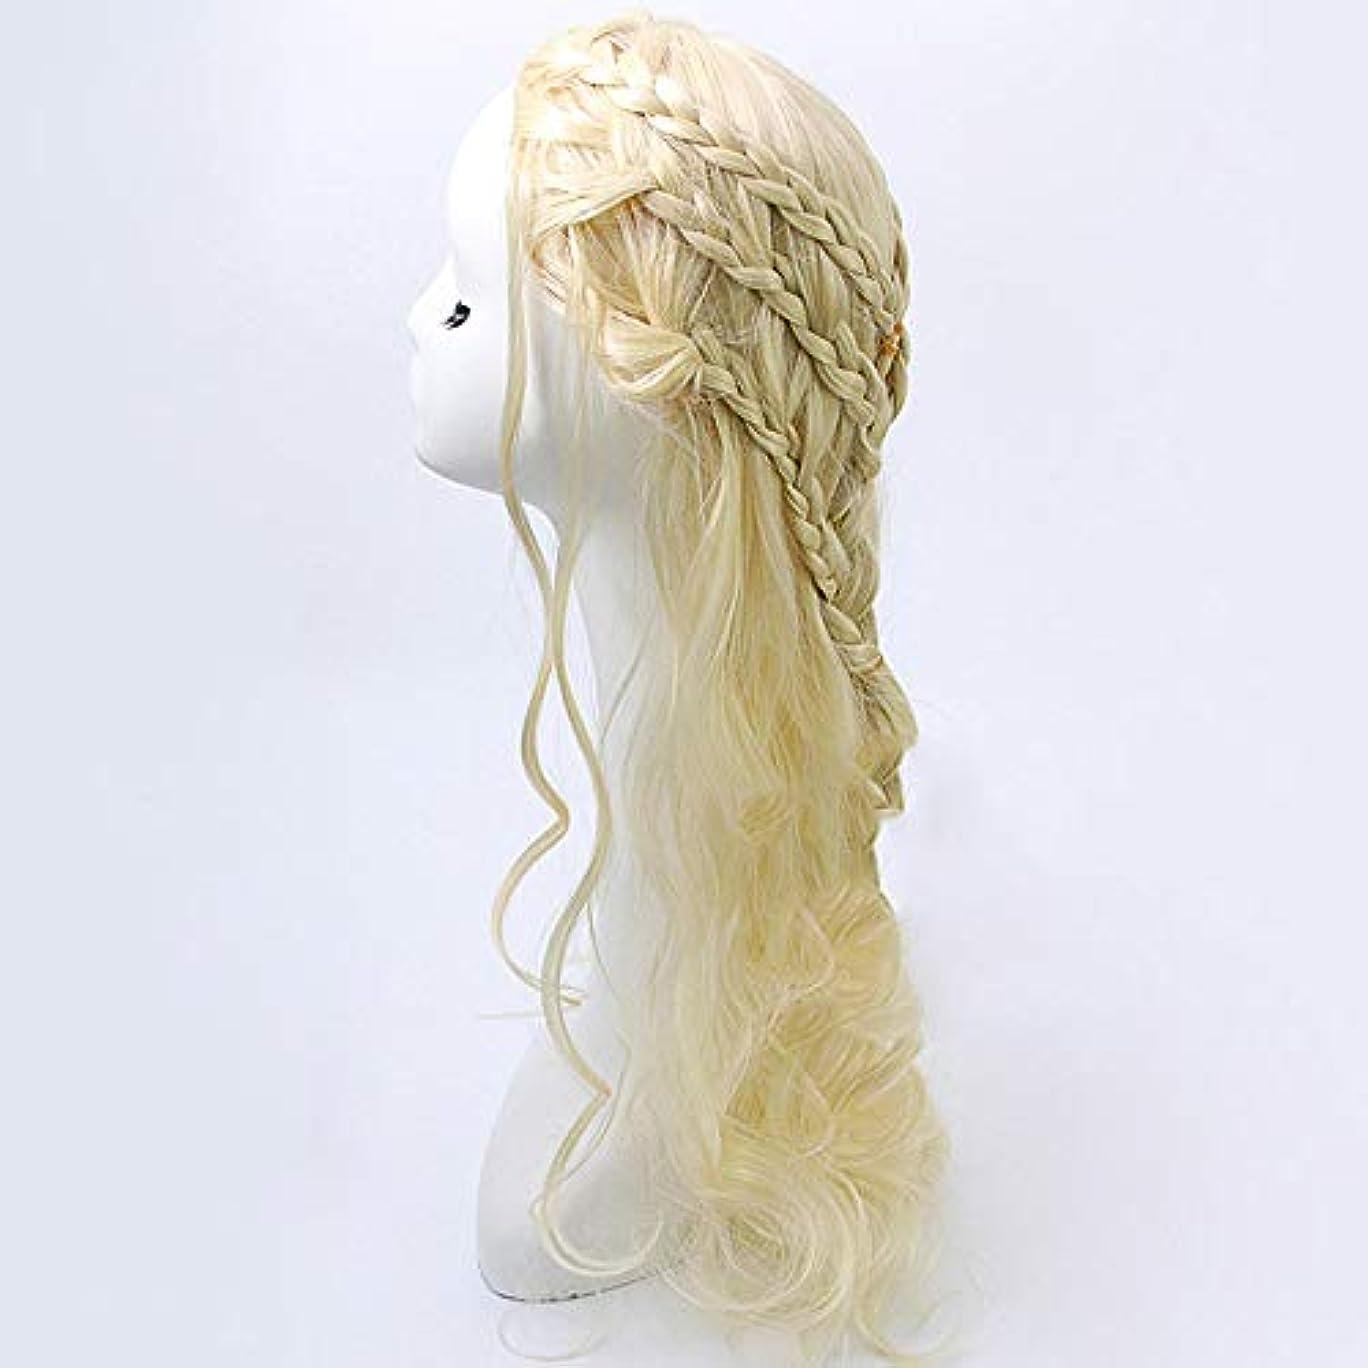 慈悲非難する温かいWASAIO ブロンドのかつらライト前髪自然に見える長い巻き毛のかつら65 cm (色 : Blonde)